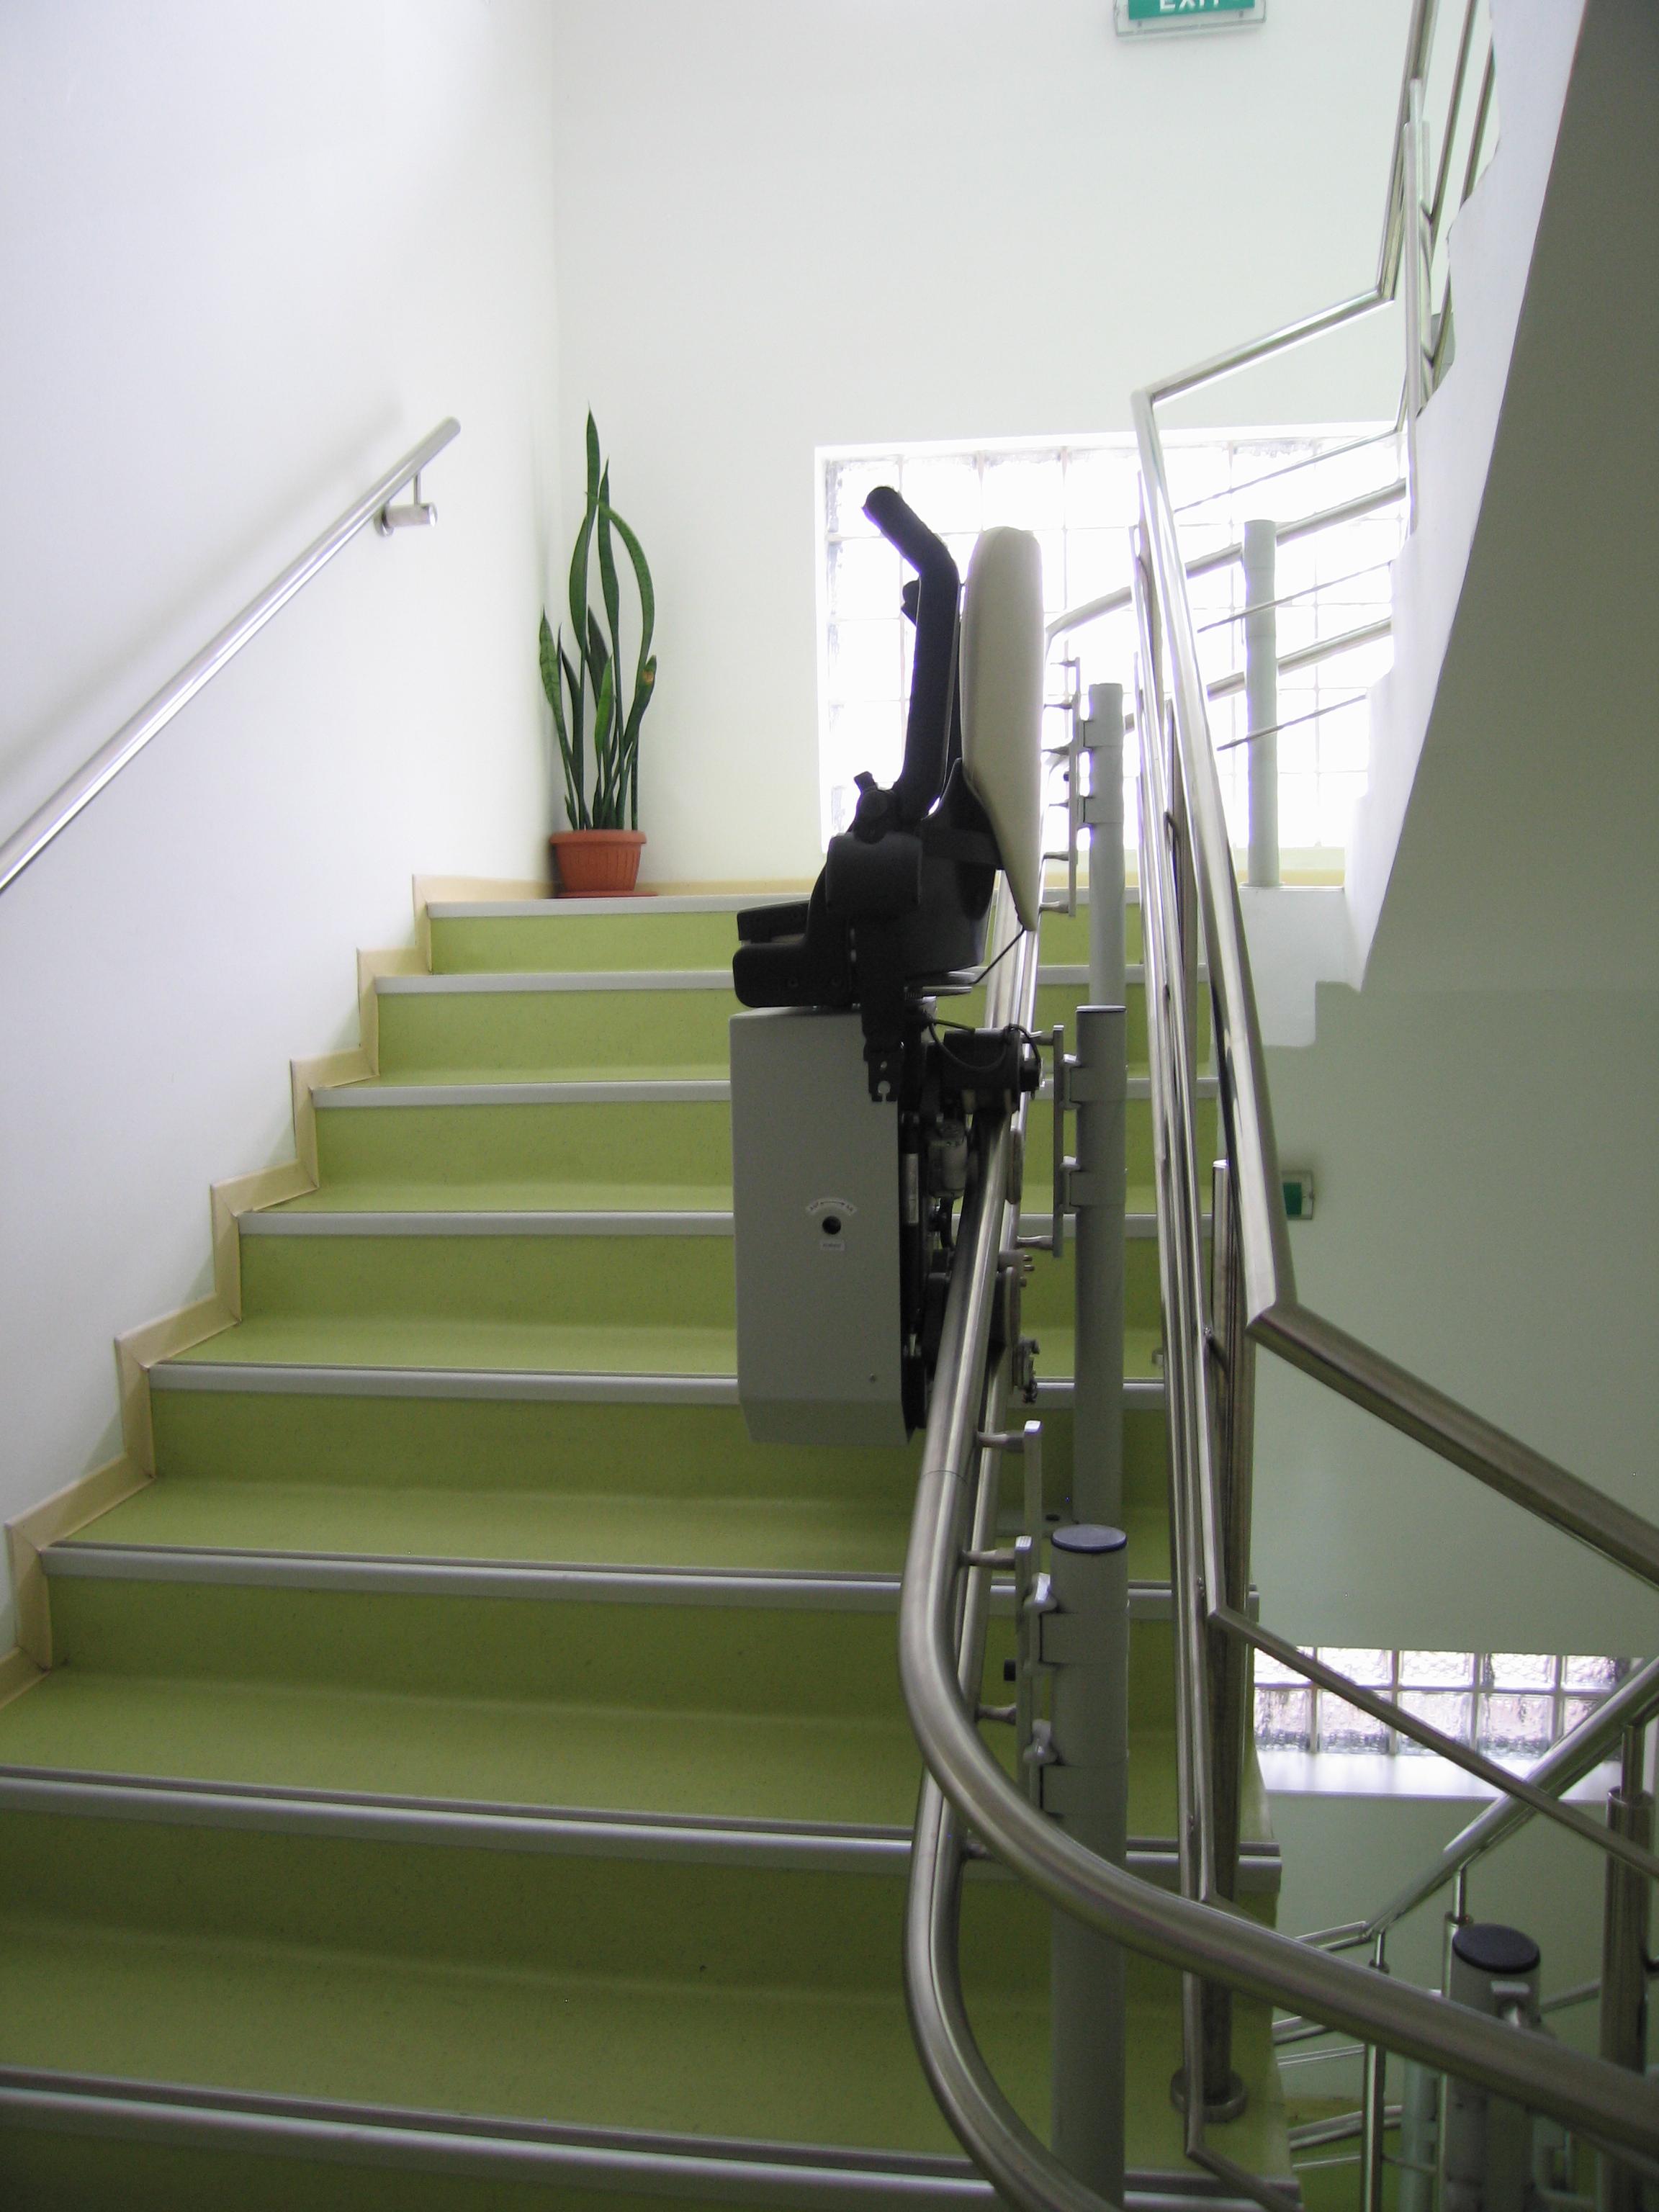 Lift pentru persoane cu dizabilitati (servoscara) HIRO 160 - 4 HIRO LIFT - Poza 4